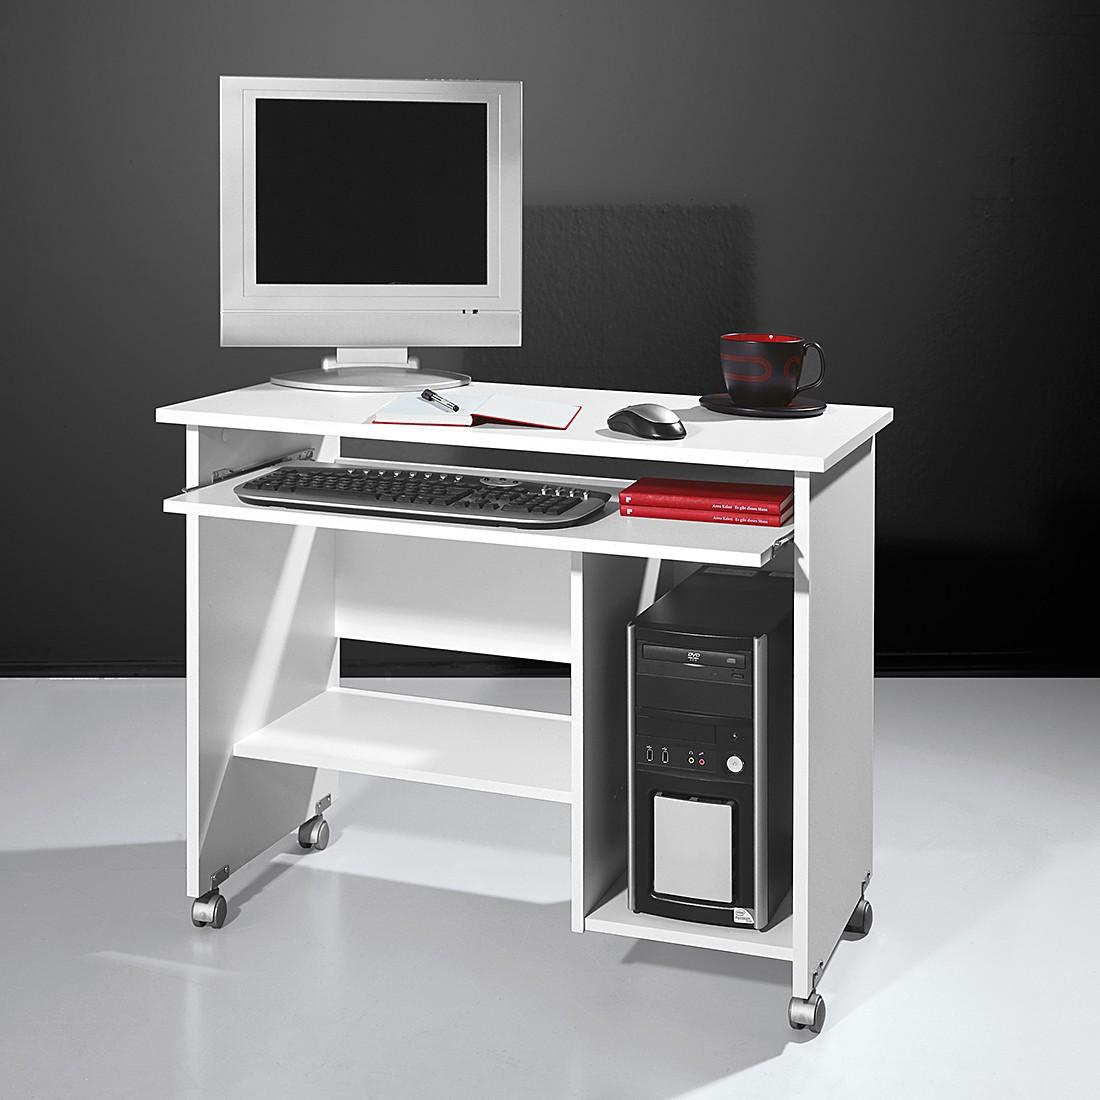 Computertisch weiß  Top Square Computertisch – für ein schönes Zuhause | Home24